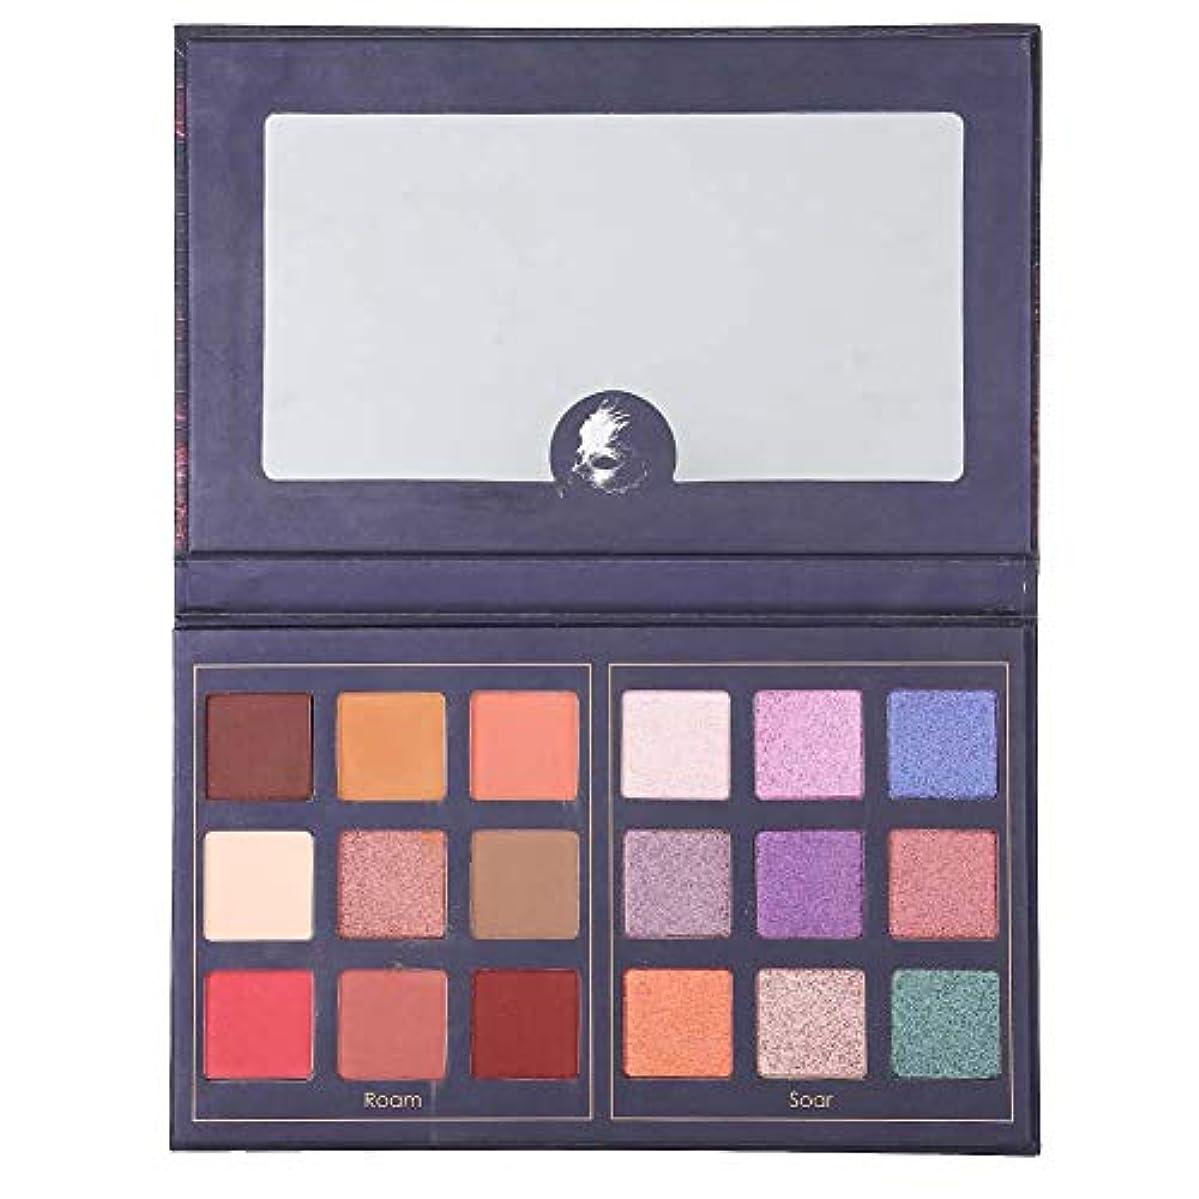 スクリュー五十成分アイシャドウパレットグリッター 18色 美しい 化粧品アイシャドウ化粧パウダー